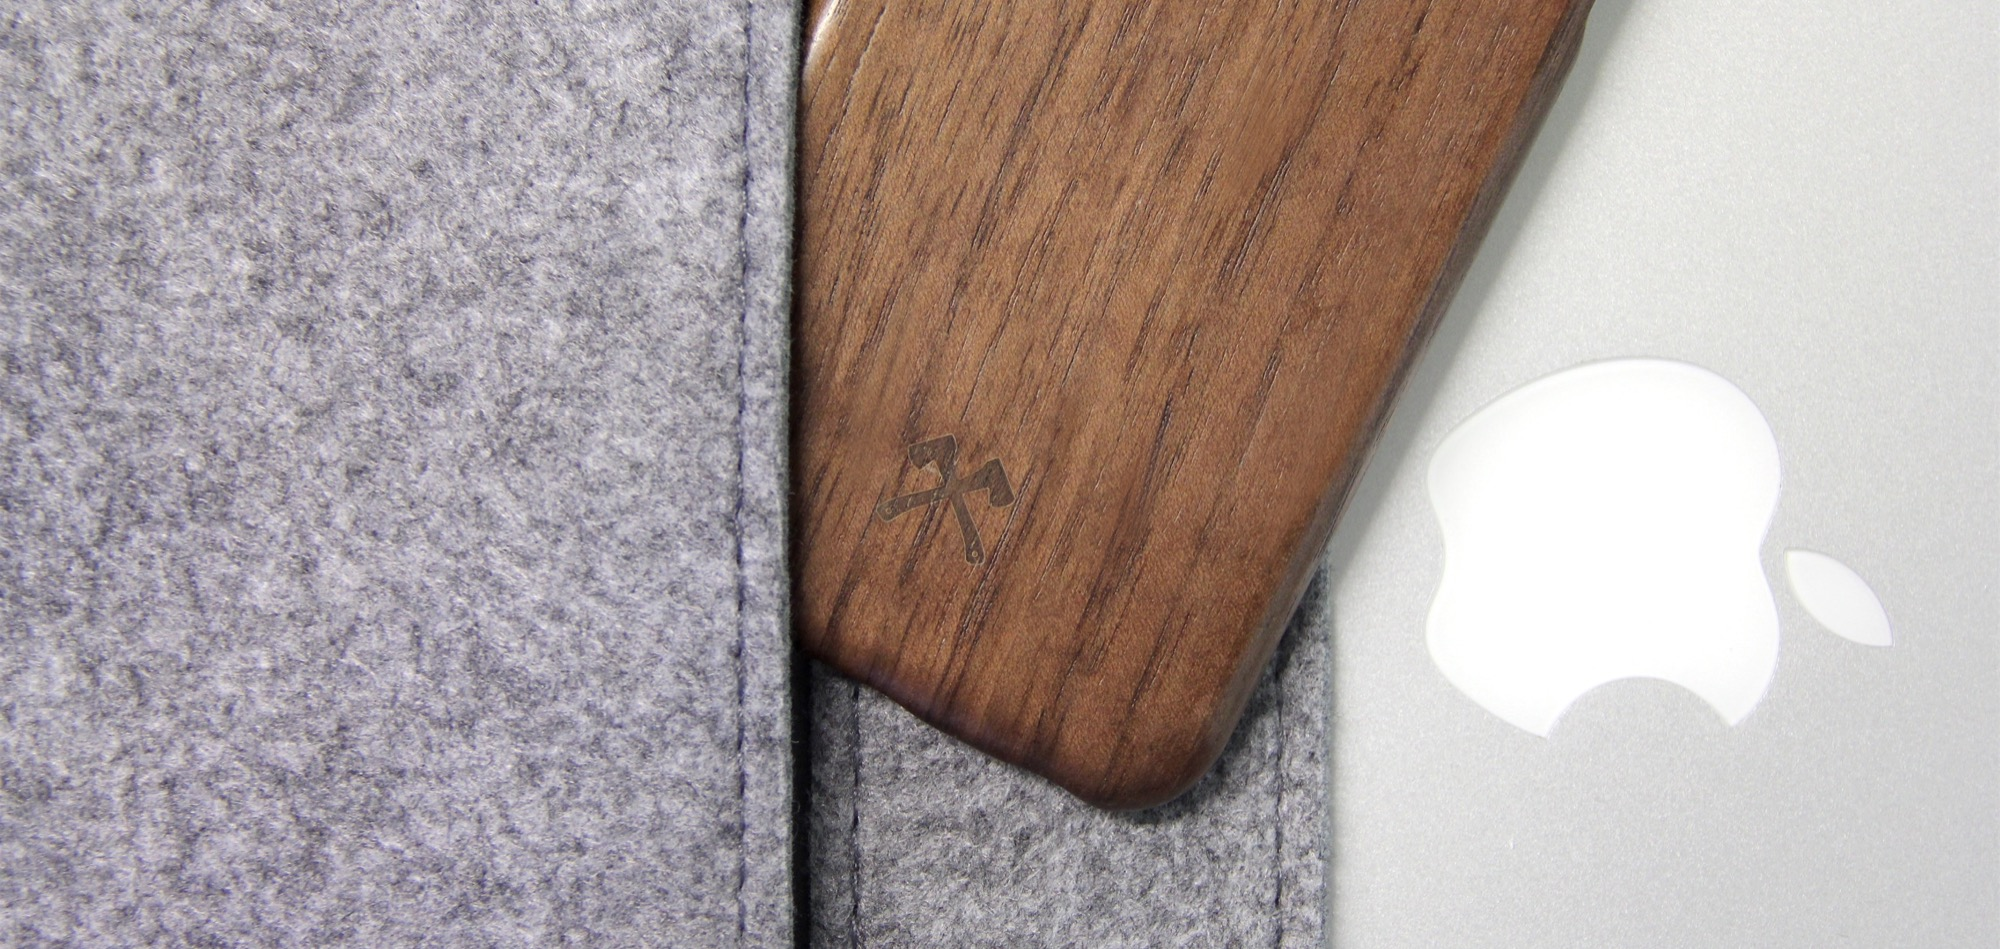 woodcessories-wooden-iphone-7-case-holzcase-holzhuelle-schutz-plus-wood-duenn-leicht-schutzhuelle-schutzfolie7